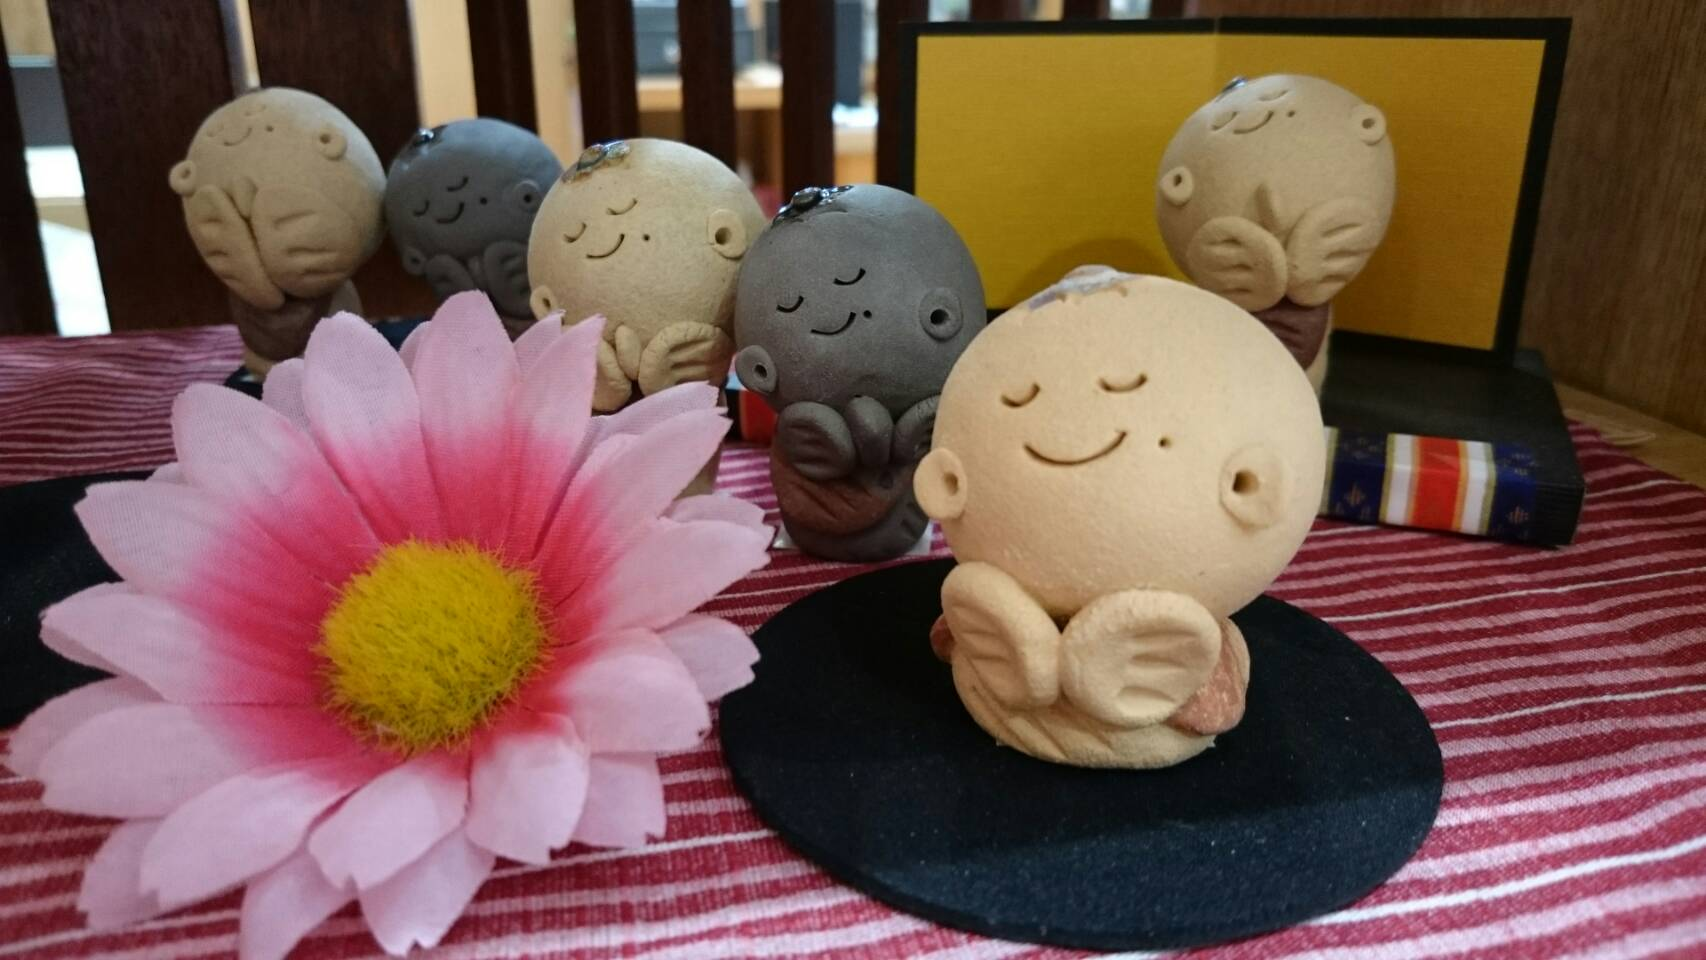 ふくば 福島 仏壇 写真ギャラリー画像9